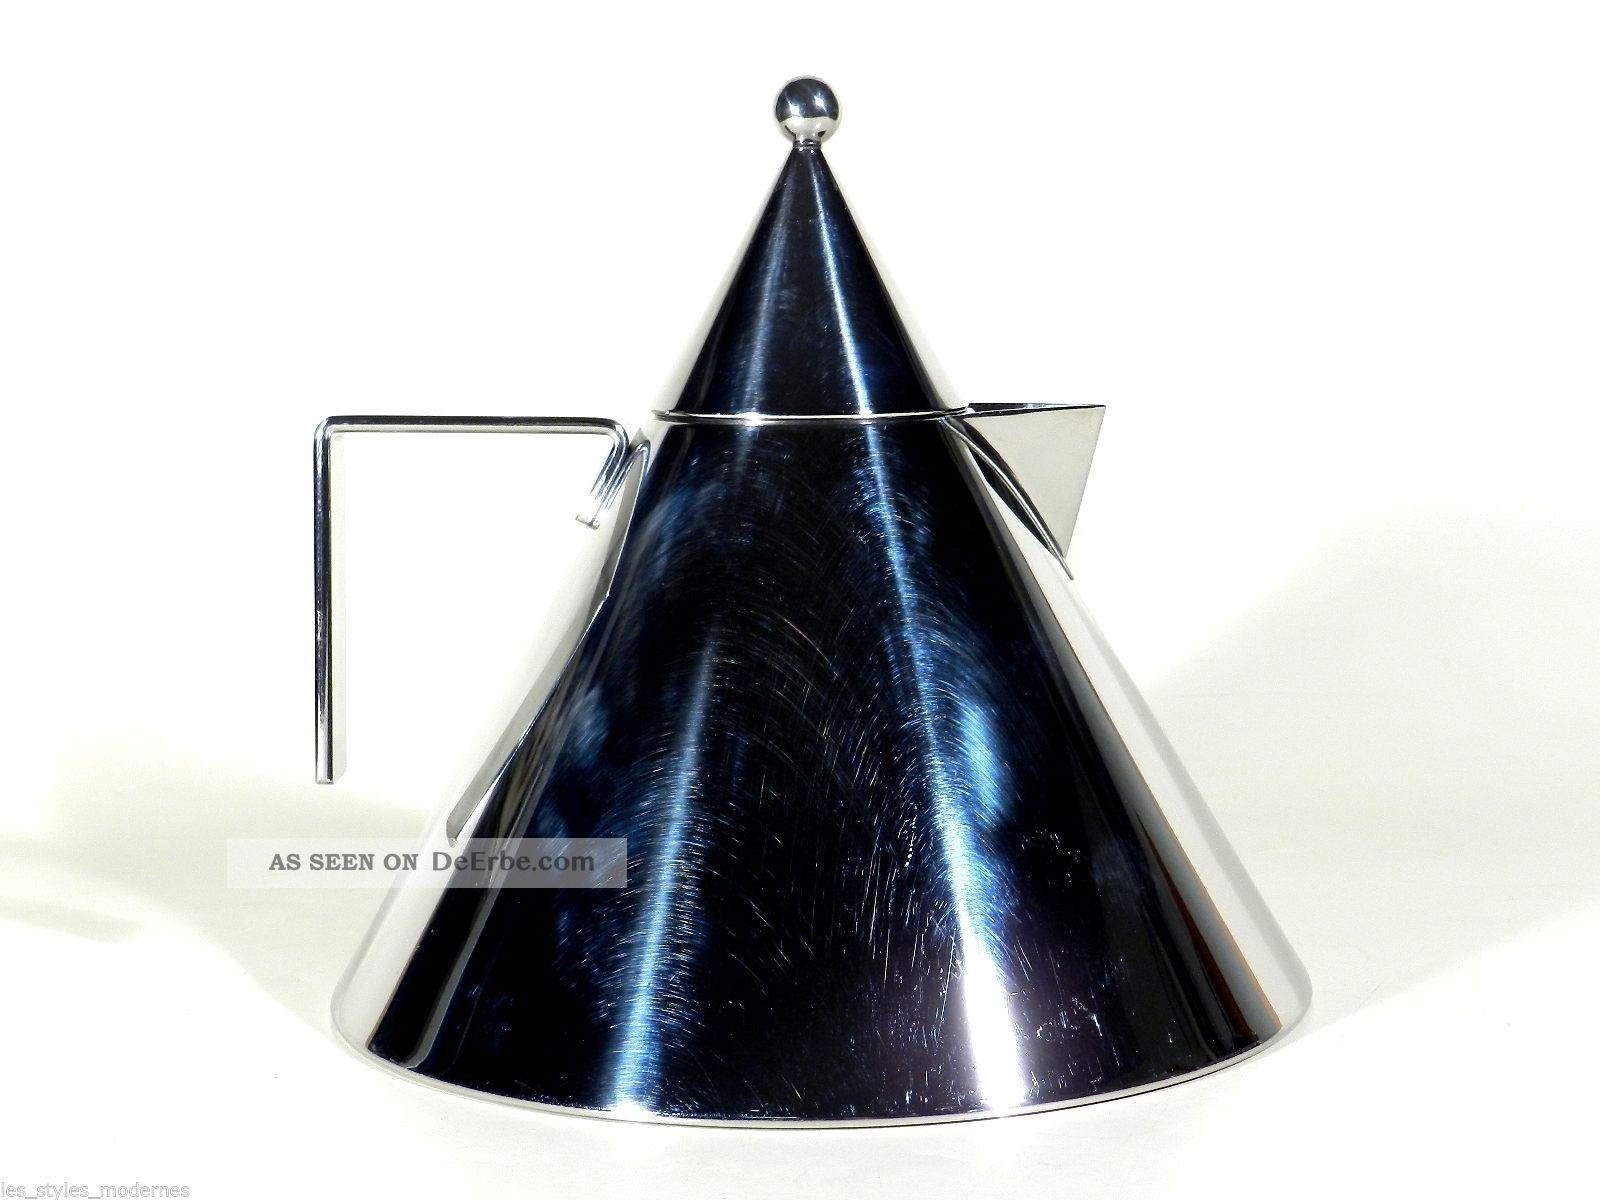 Alessi Italy Wasserkessel Il Conico ° Wasserkocher ° Design Aldo Rossi Design & Stil Bild